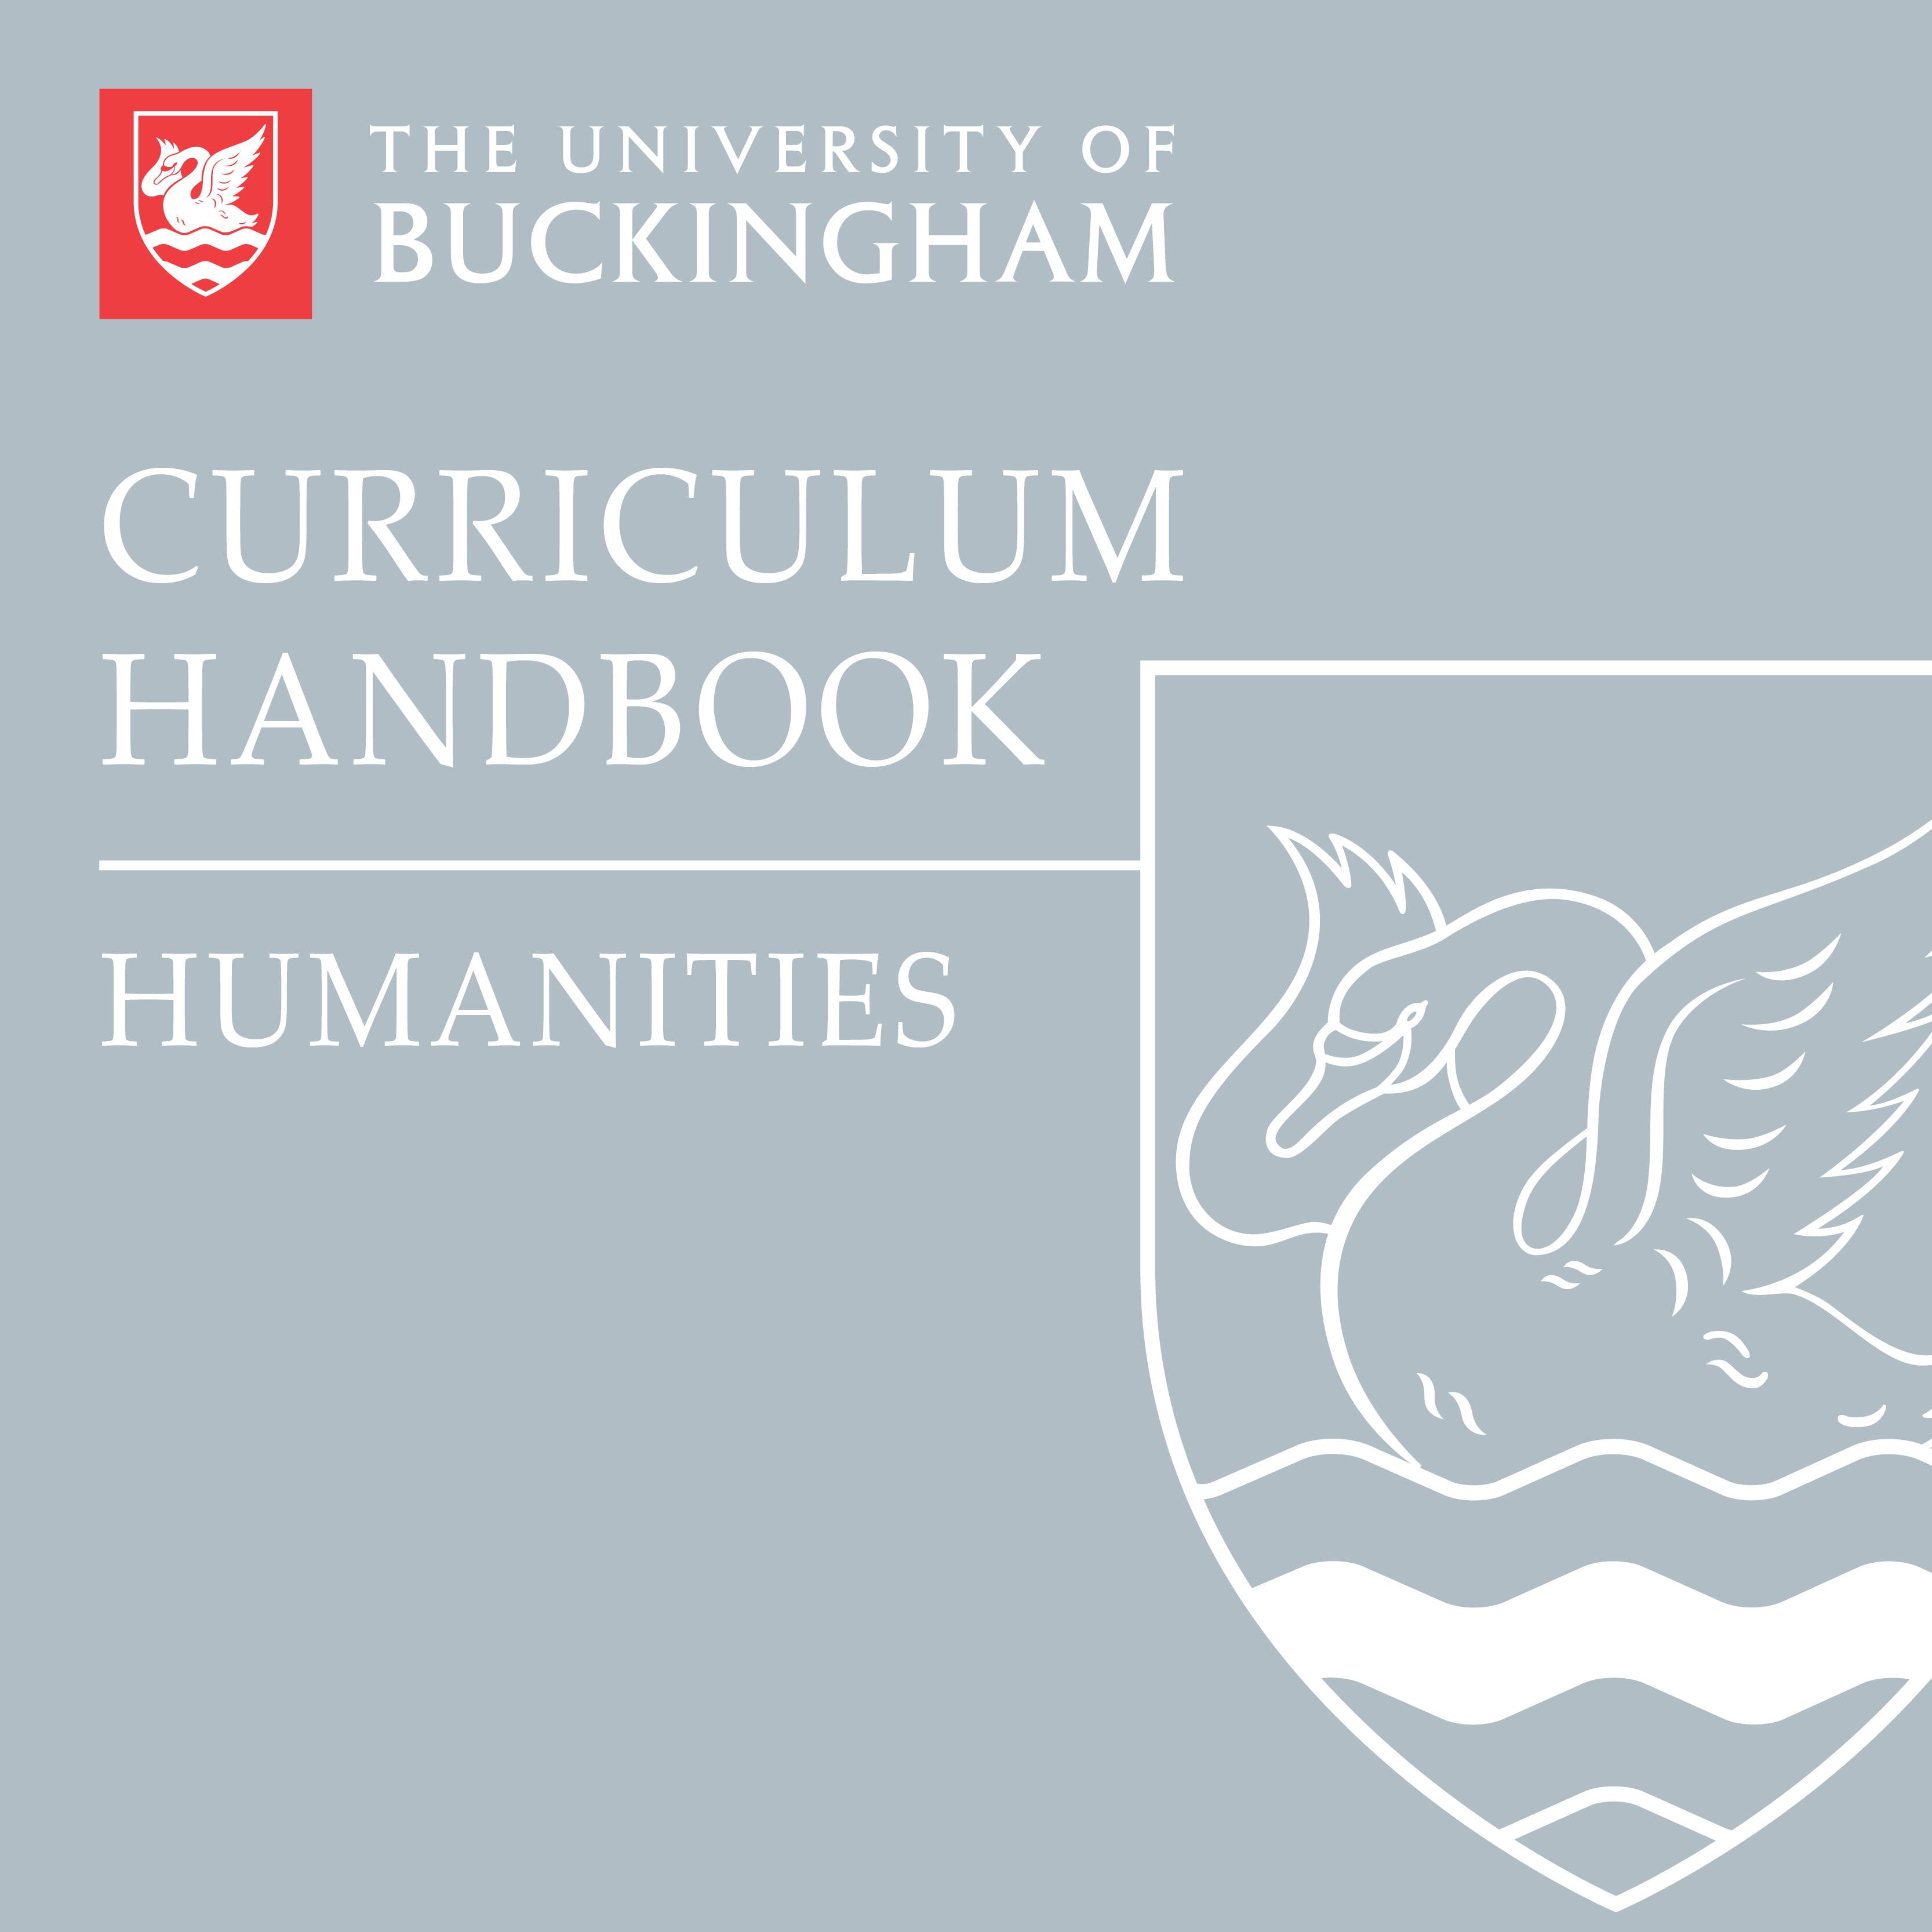 Curriculum Handbook - Humanities - front cover - online